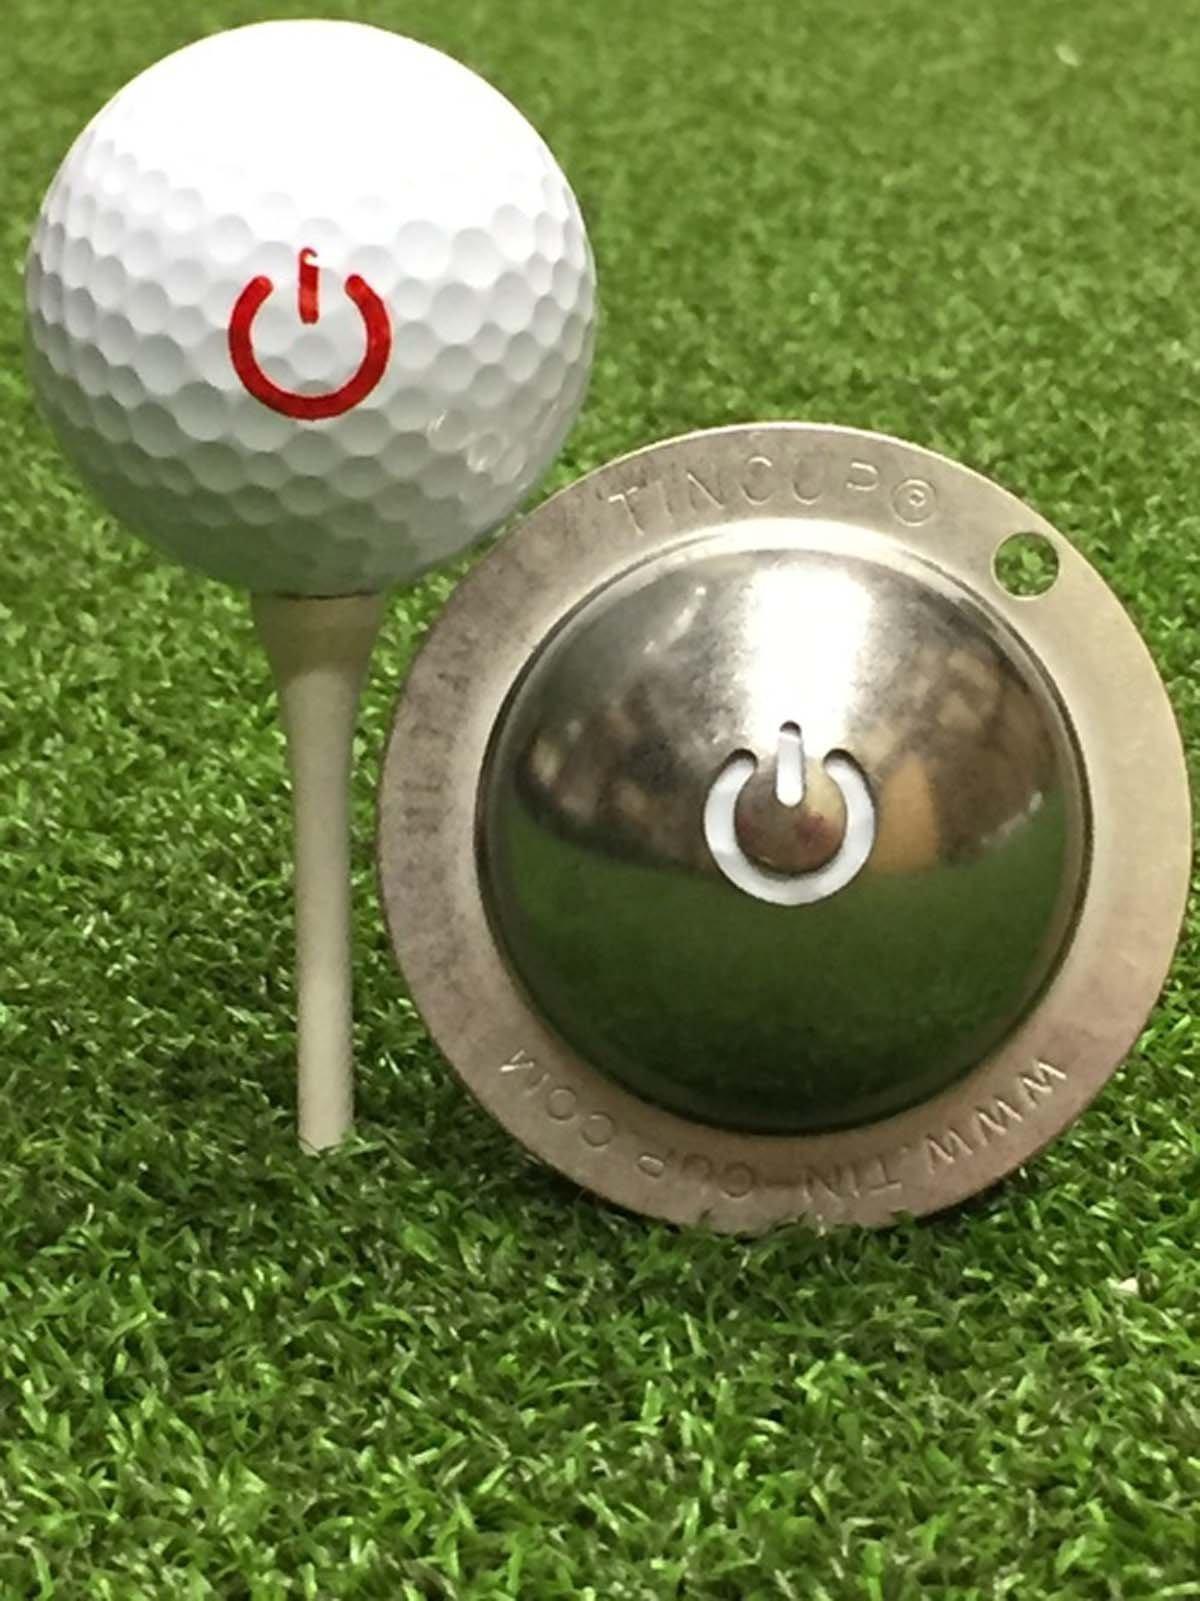 Tin Cup Power